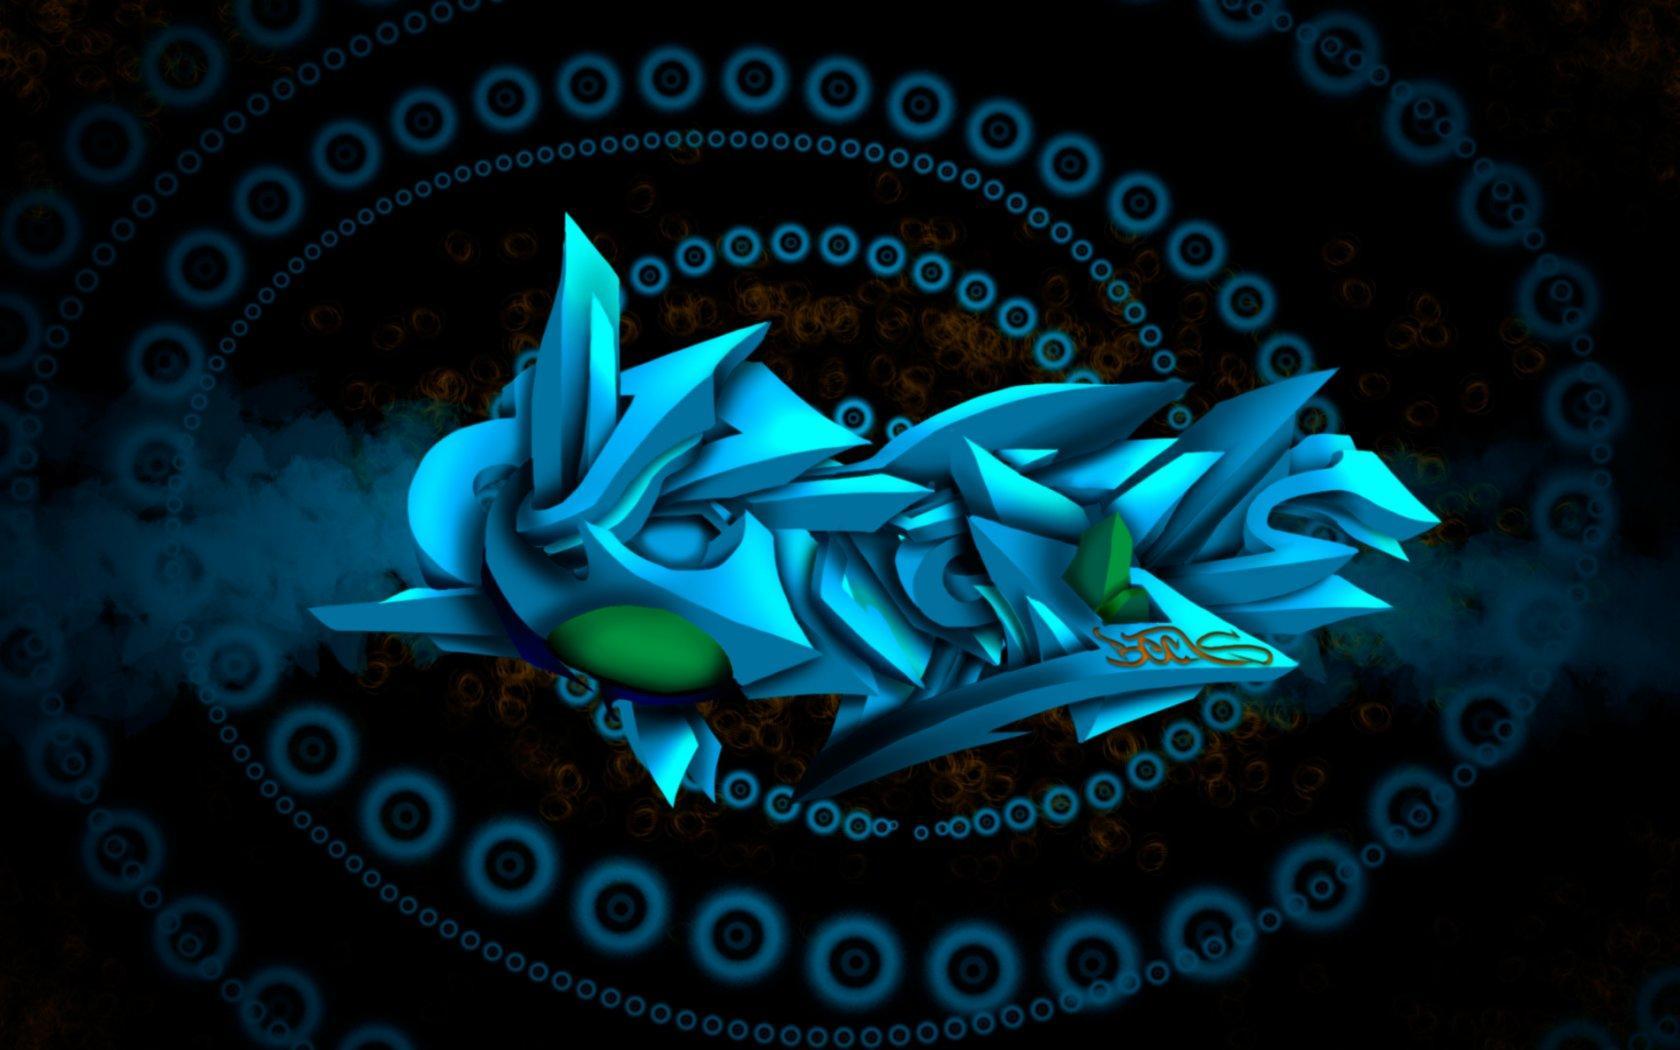 Граффити абстракция обои для рабочего